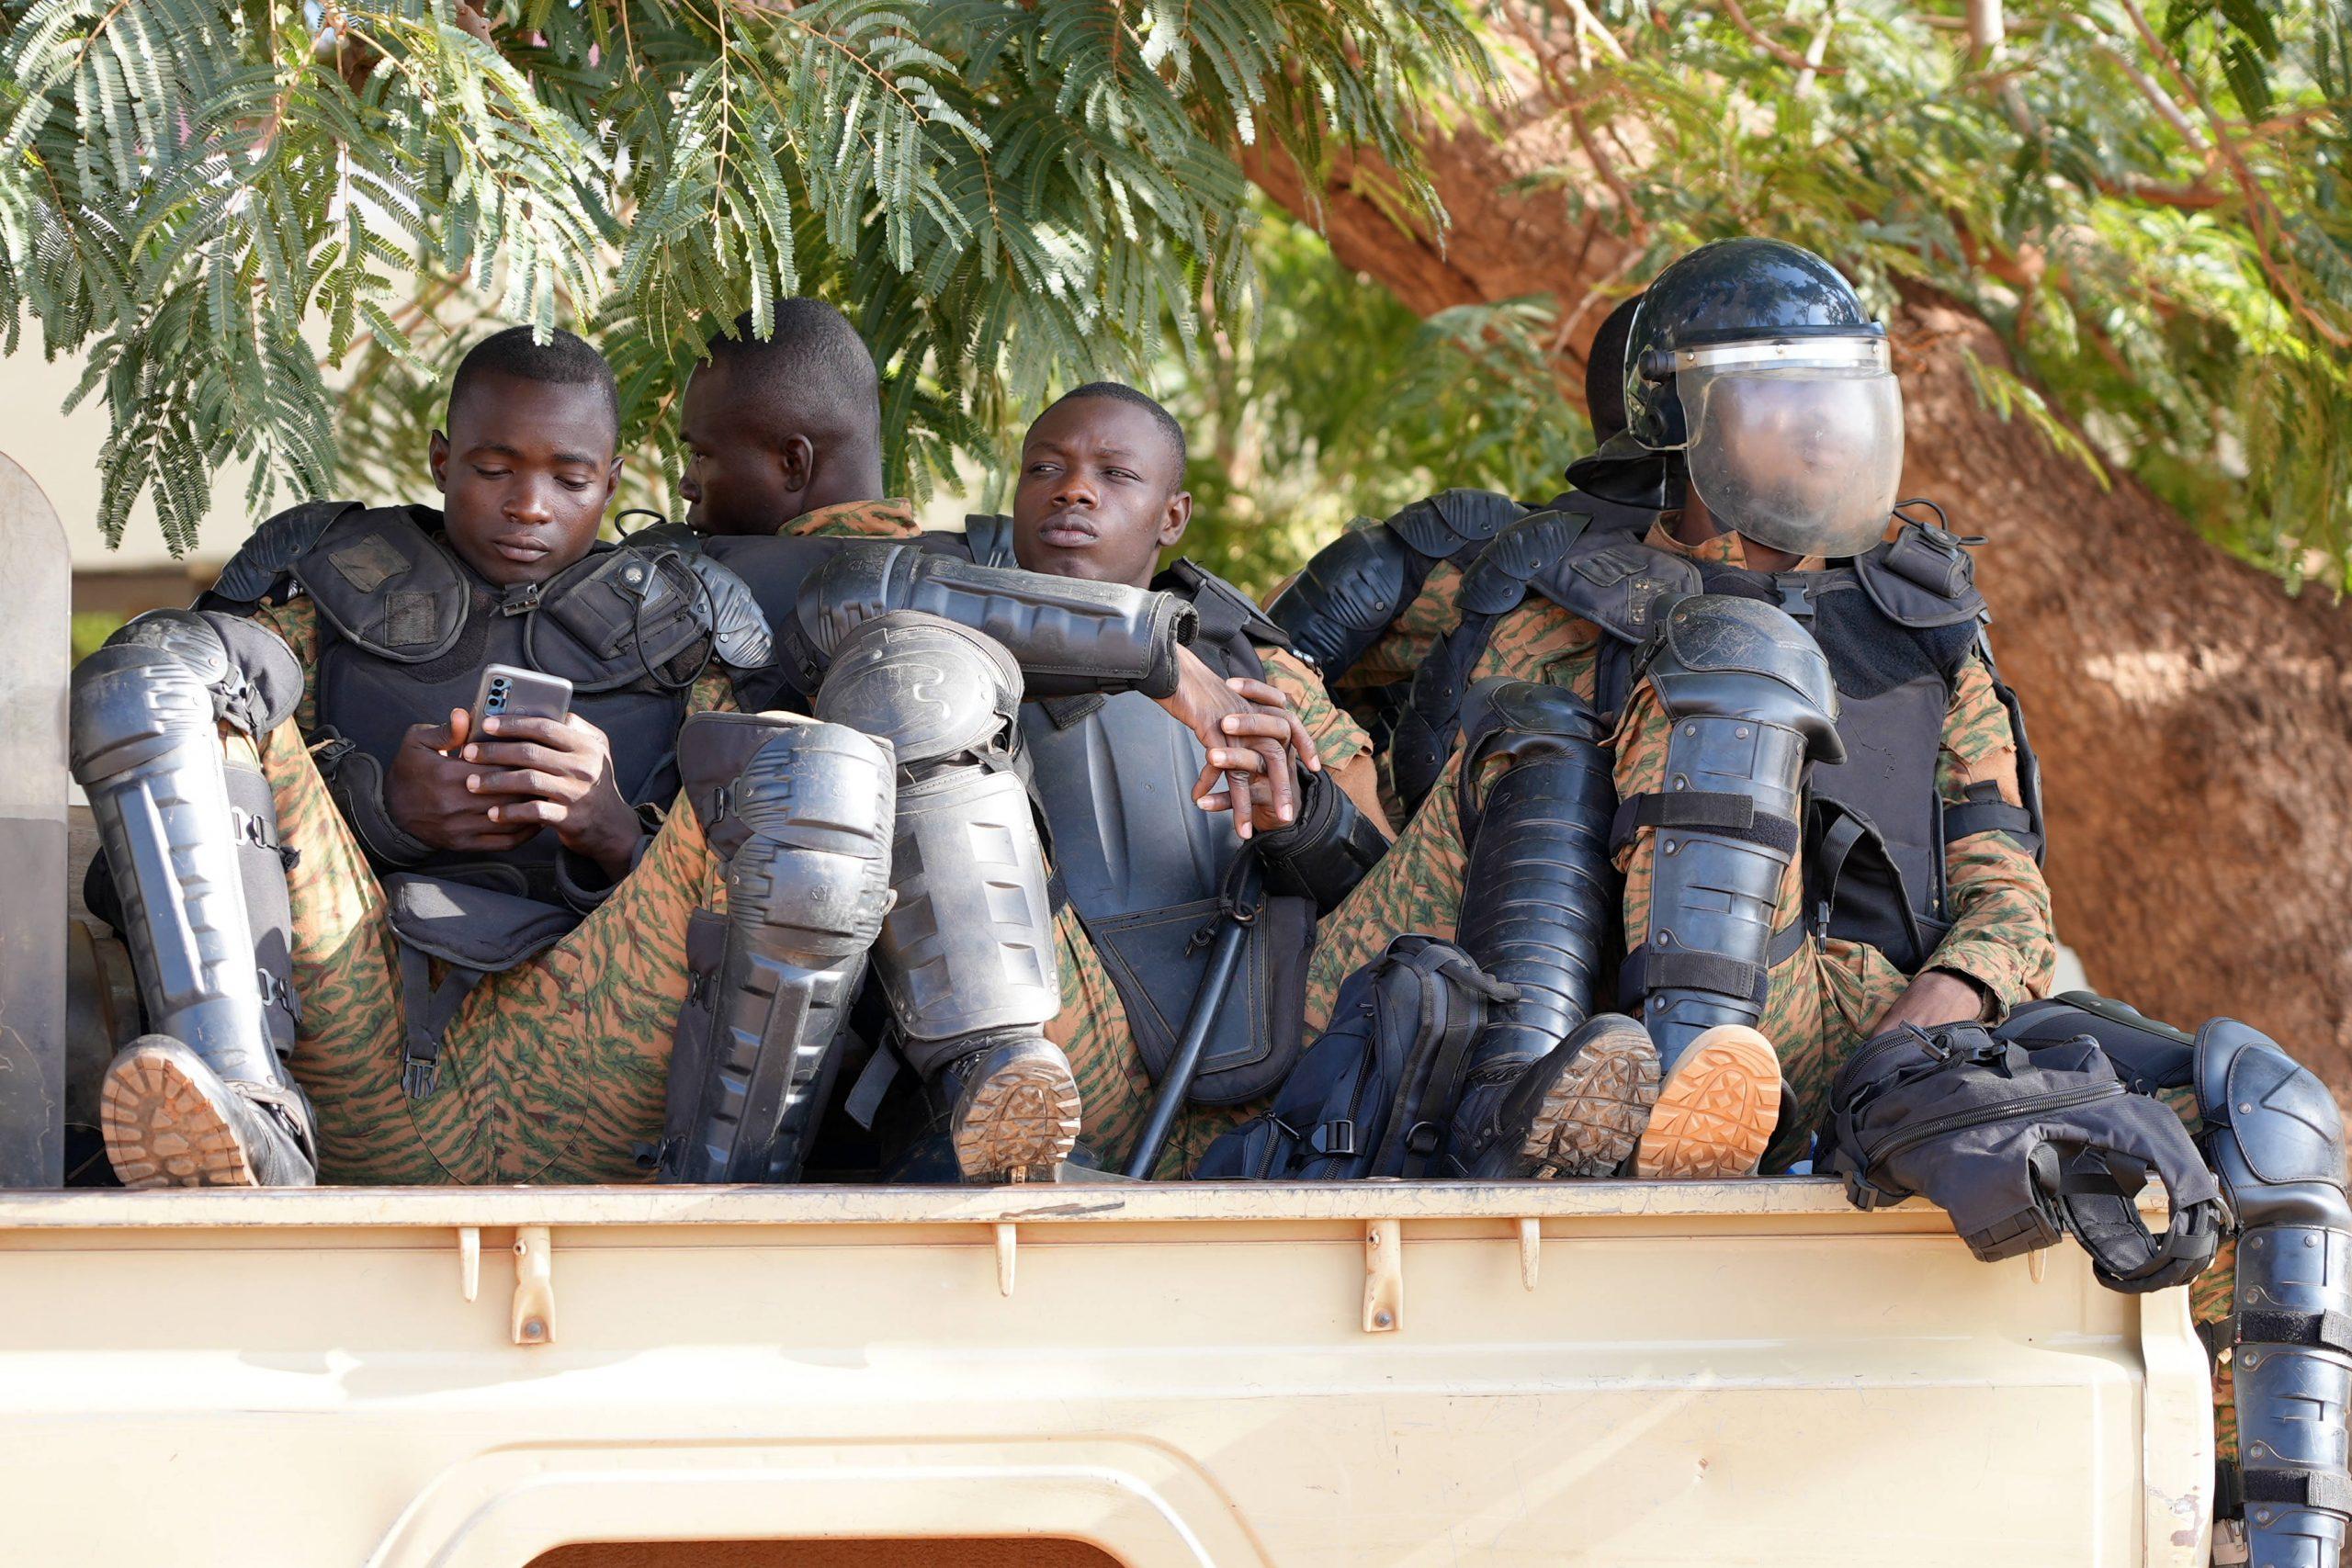 Des policiers burkinabè devant la salle d'audience où s'est ouvert le procès des assassins présumés de Thomas Sankara, le 11 octobre 2021 à Ouagadougou.